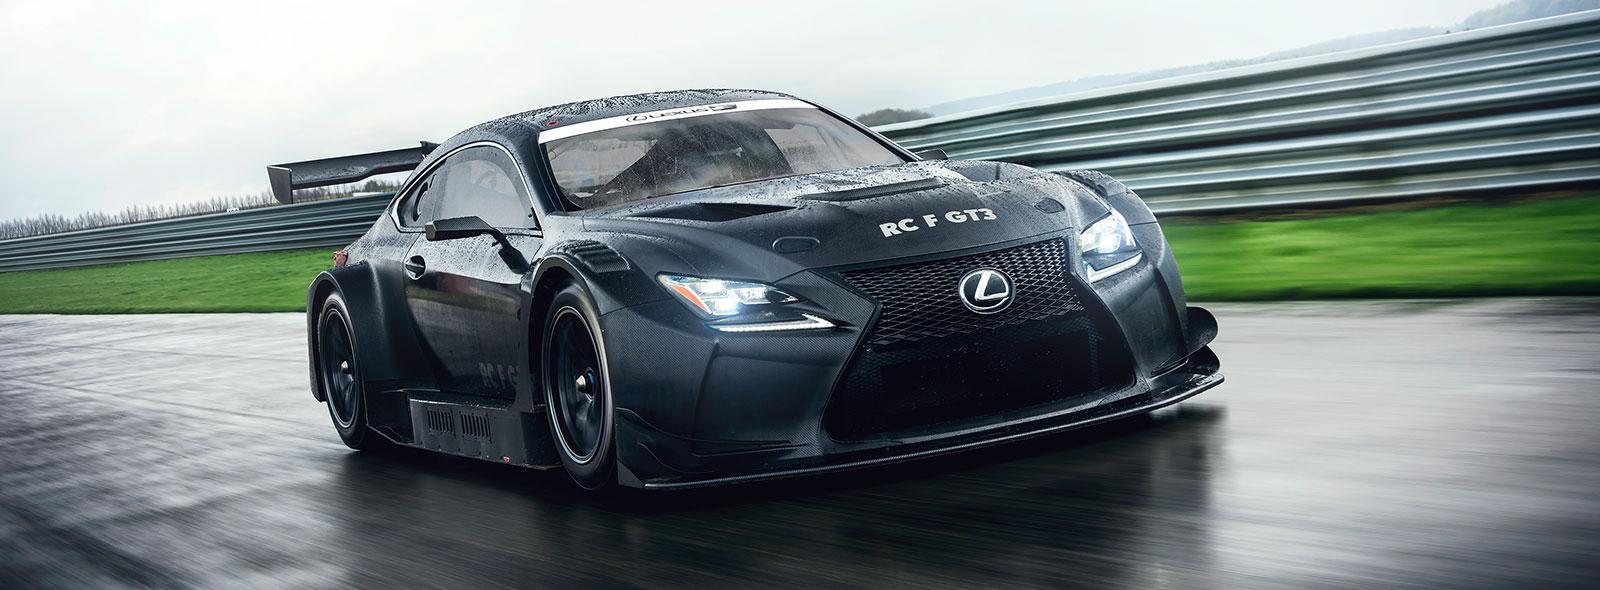 Lexus RC F GT3 snett framifrån